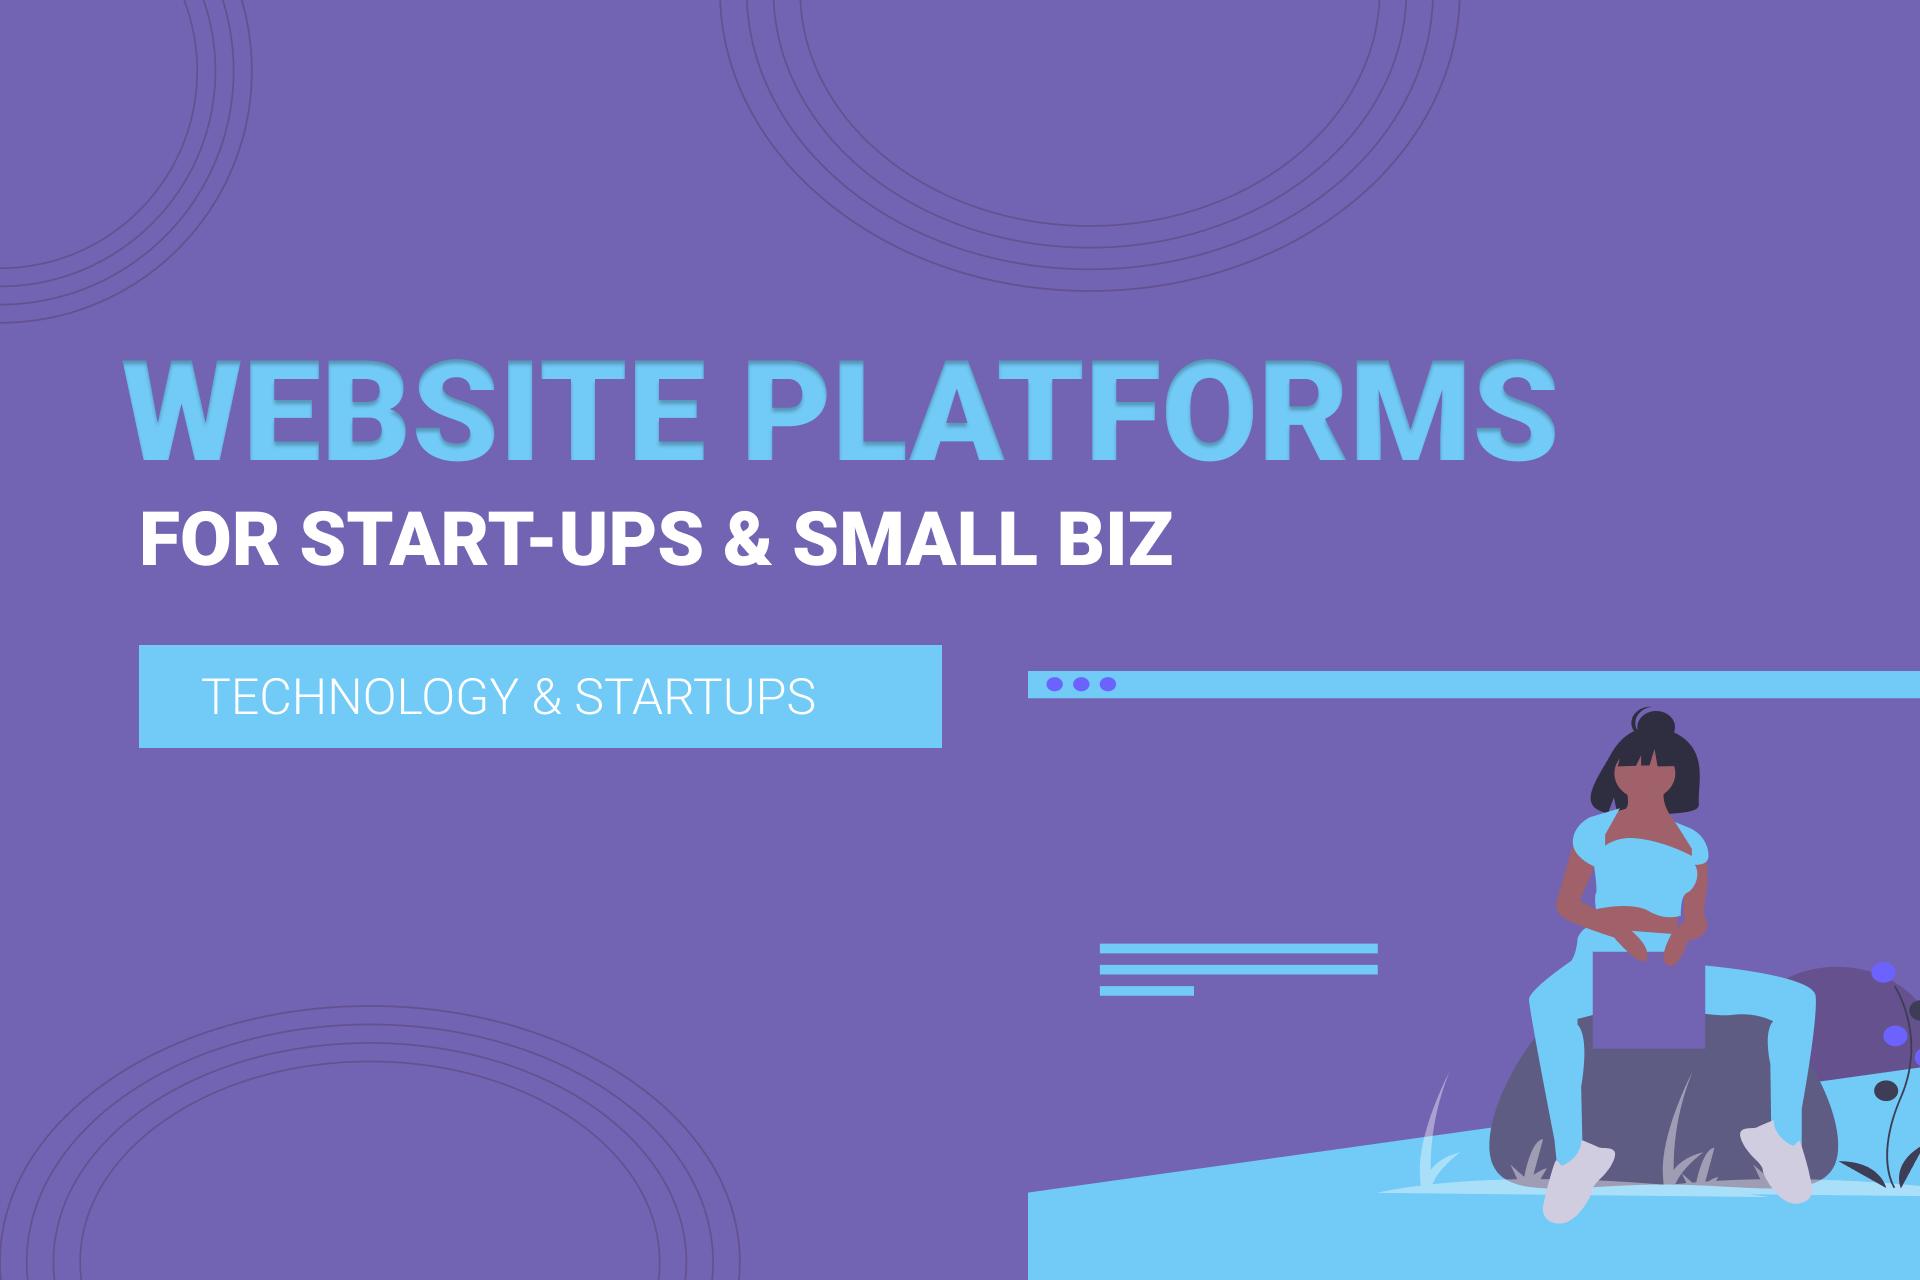 5 Website Platforms for Startups